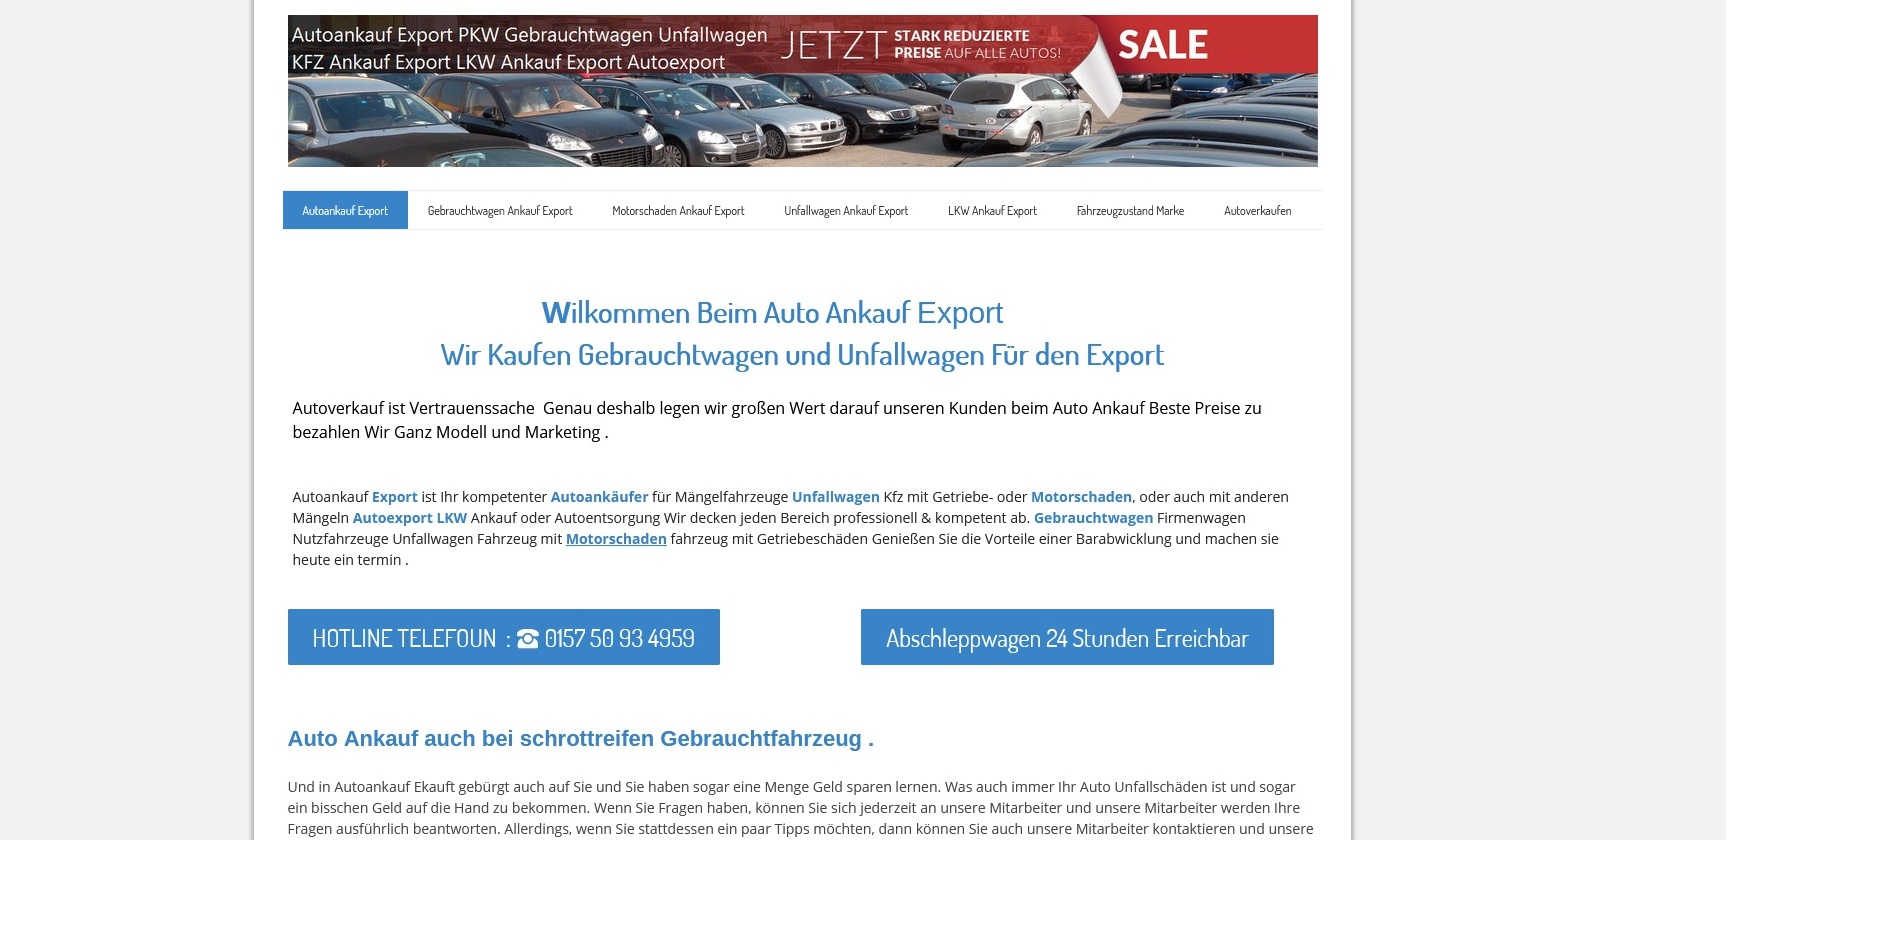 Autoankauf Ingolstadt   Kfz-Ankauf-export kauft jeden Gebrauchtwagen an!